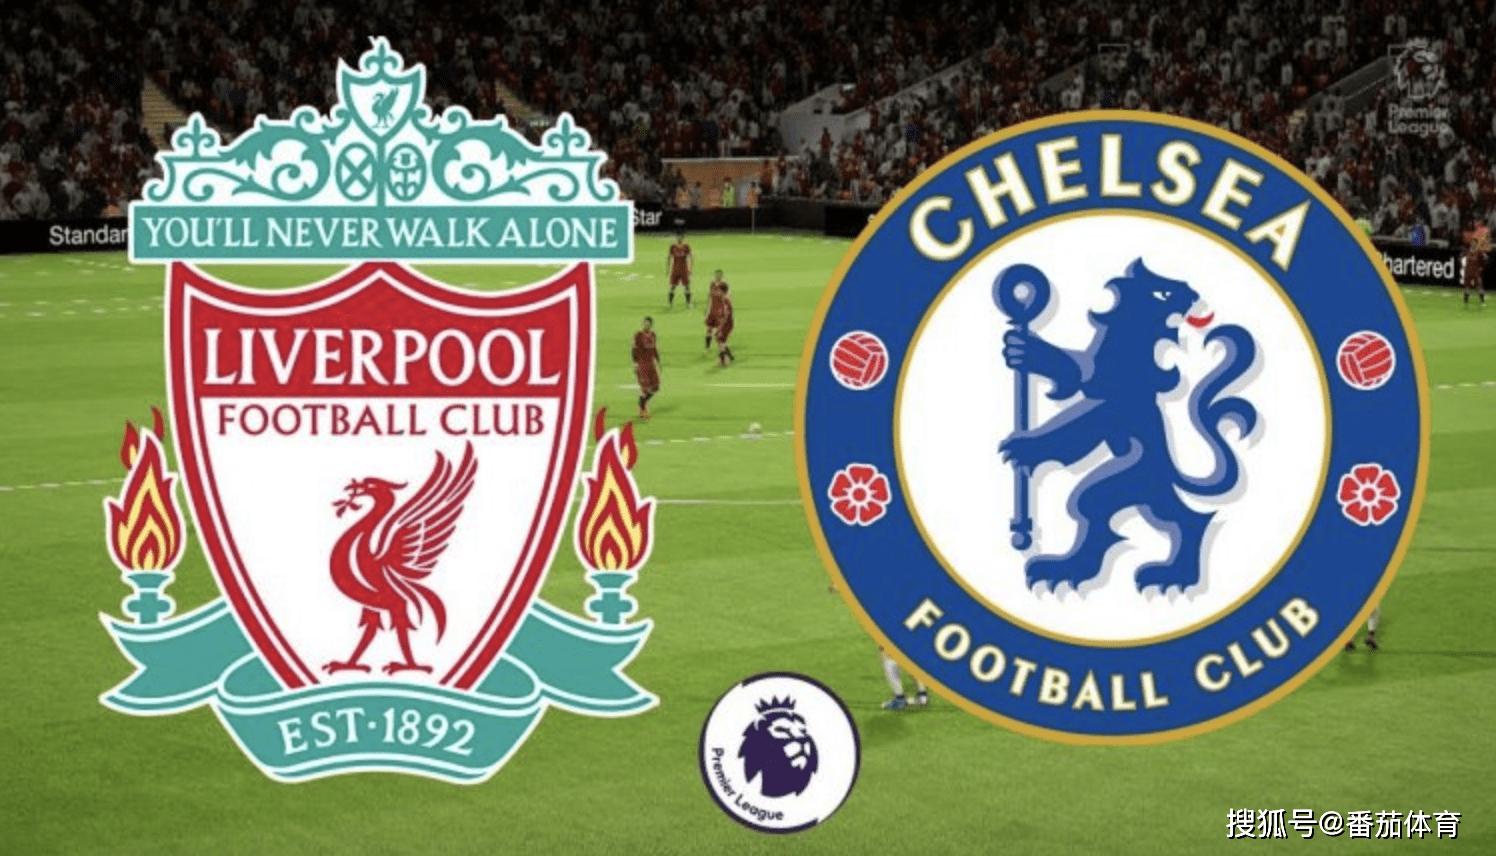 原创            「英超」利物浦vs切尔西,顶级豪门红蓝大战